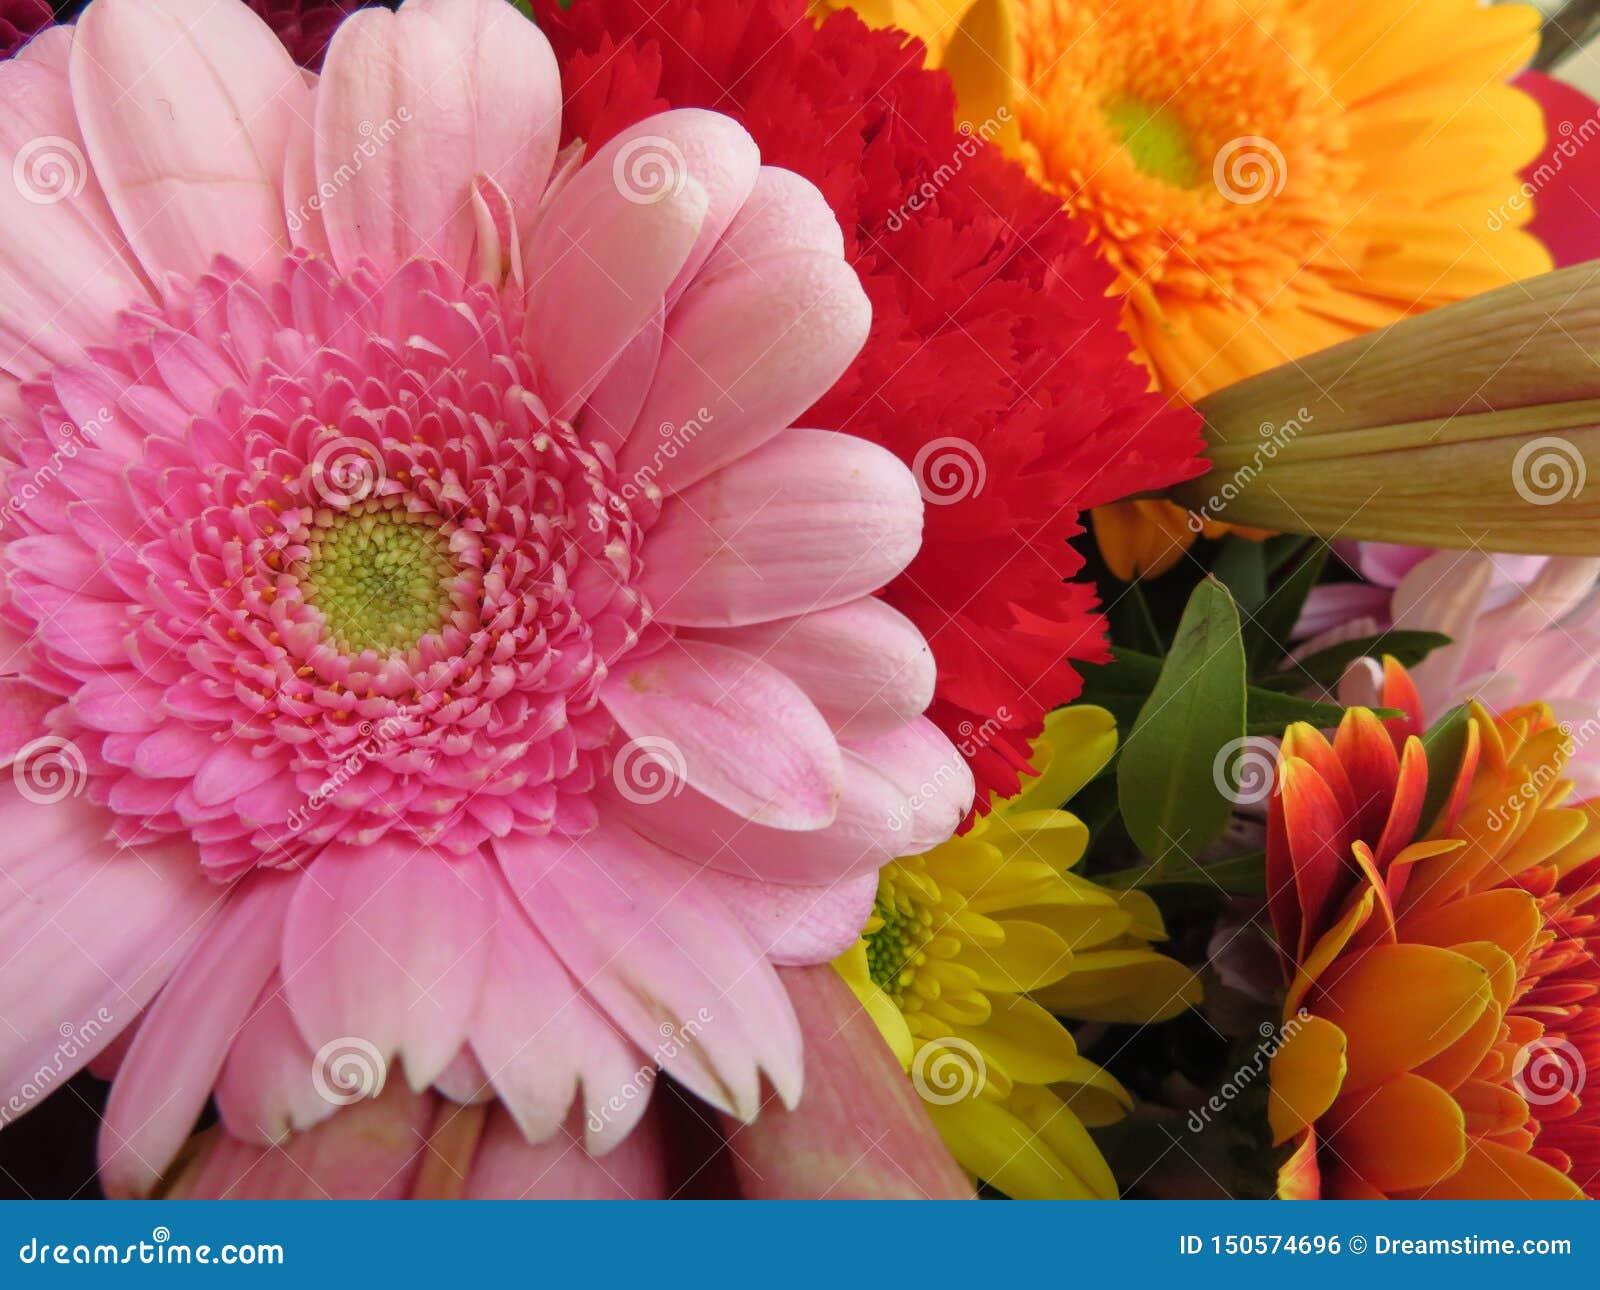 Όμορφα λουλούδια των έντονων χρωμάτων και της μεγάλης ομορφιάς